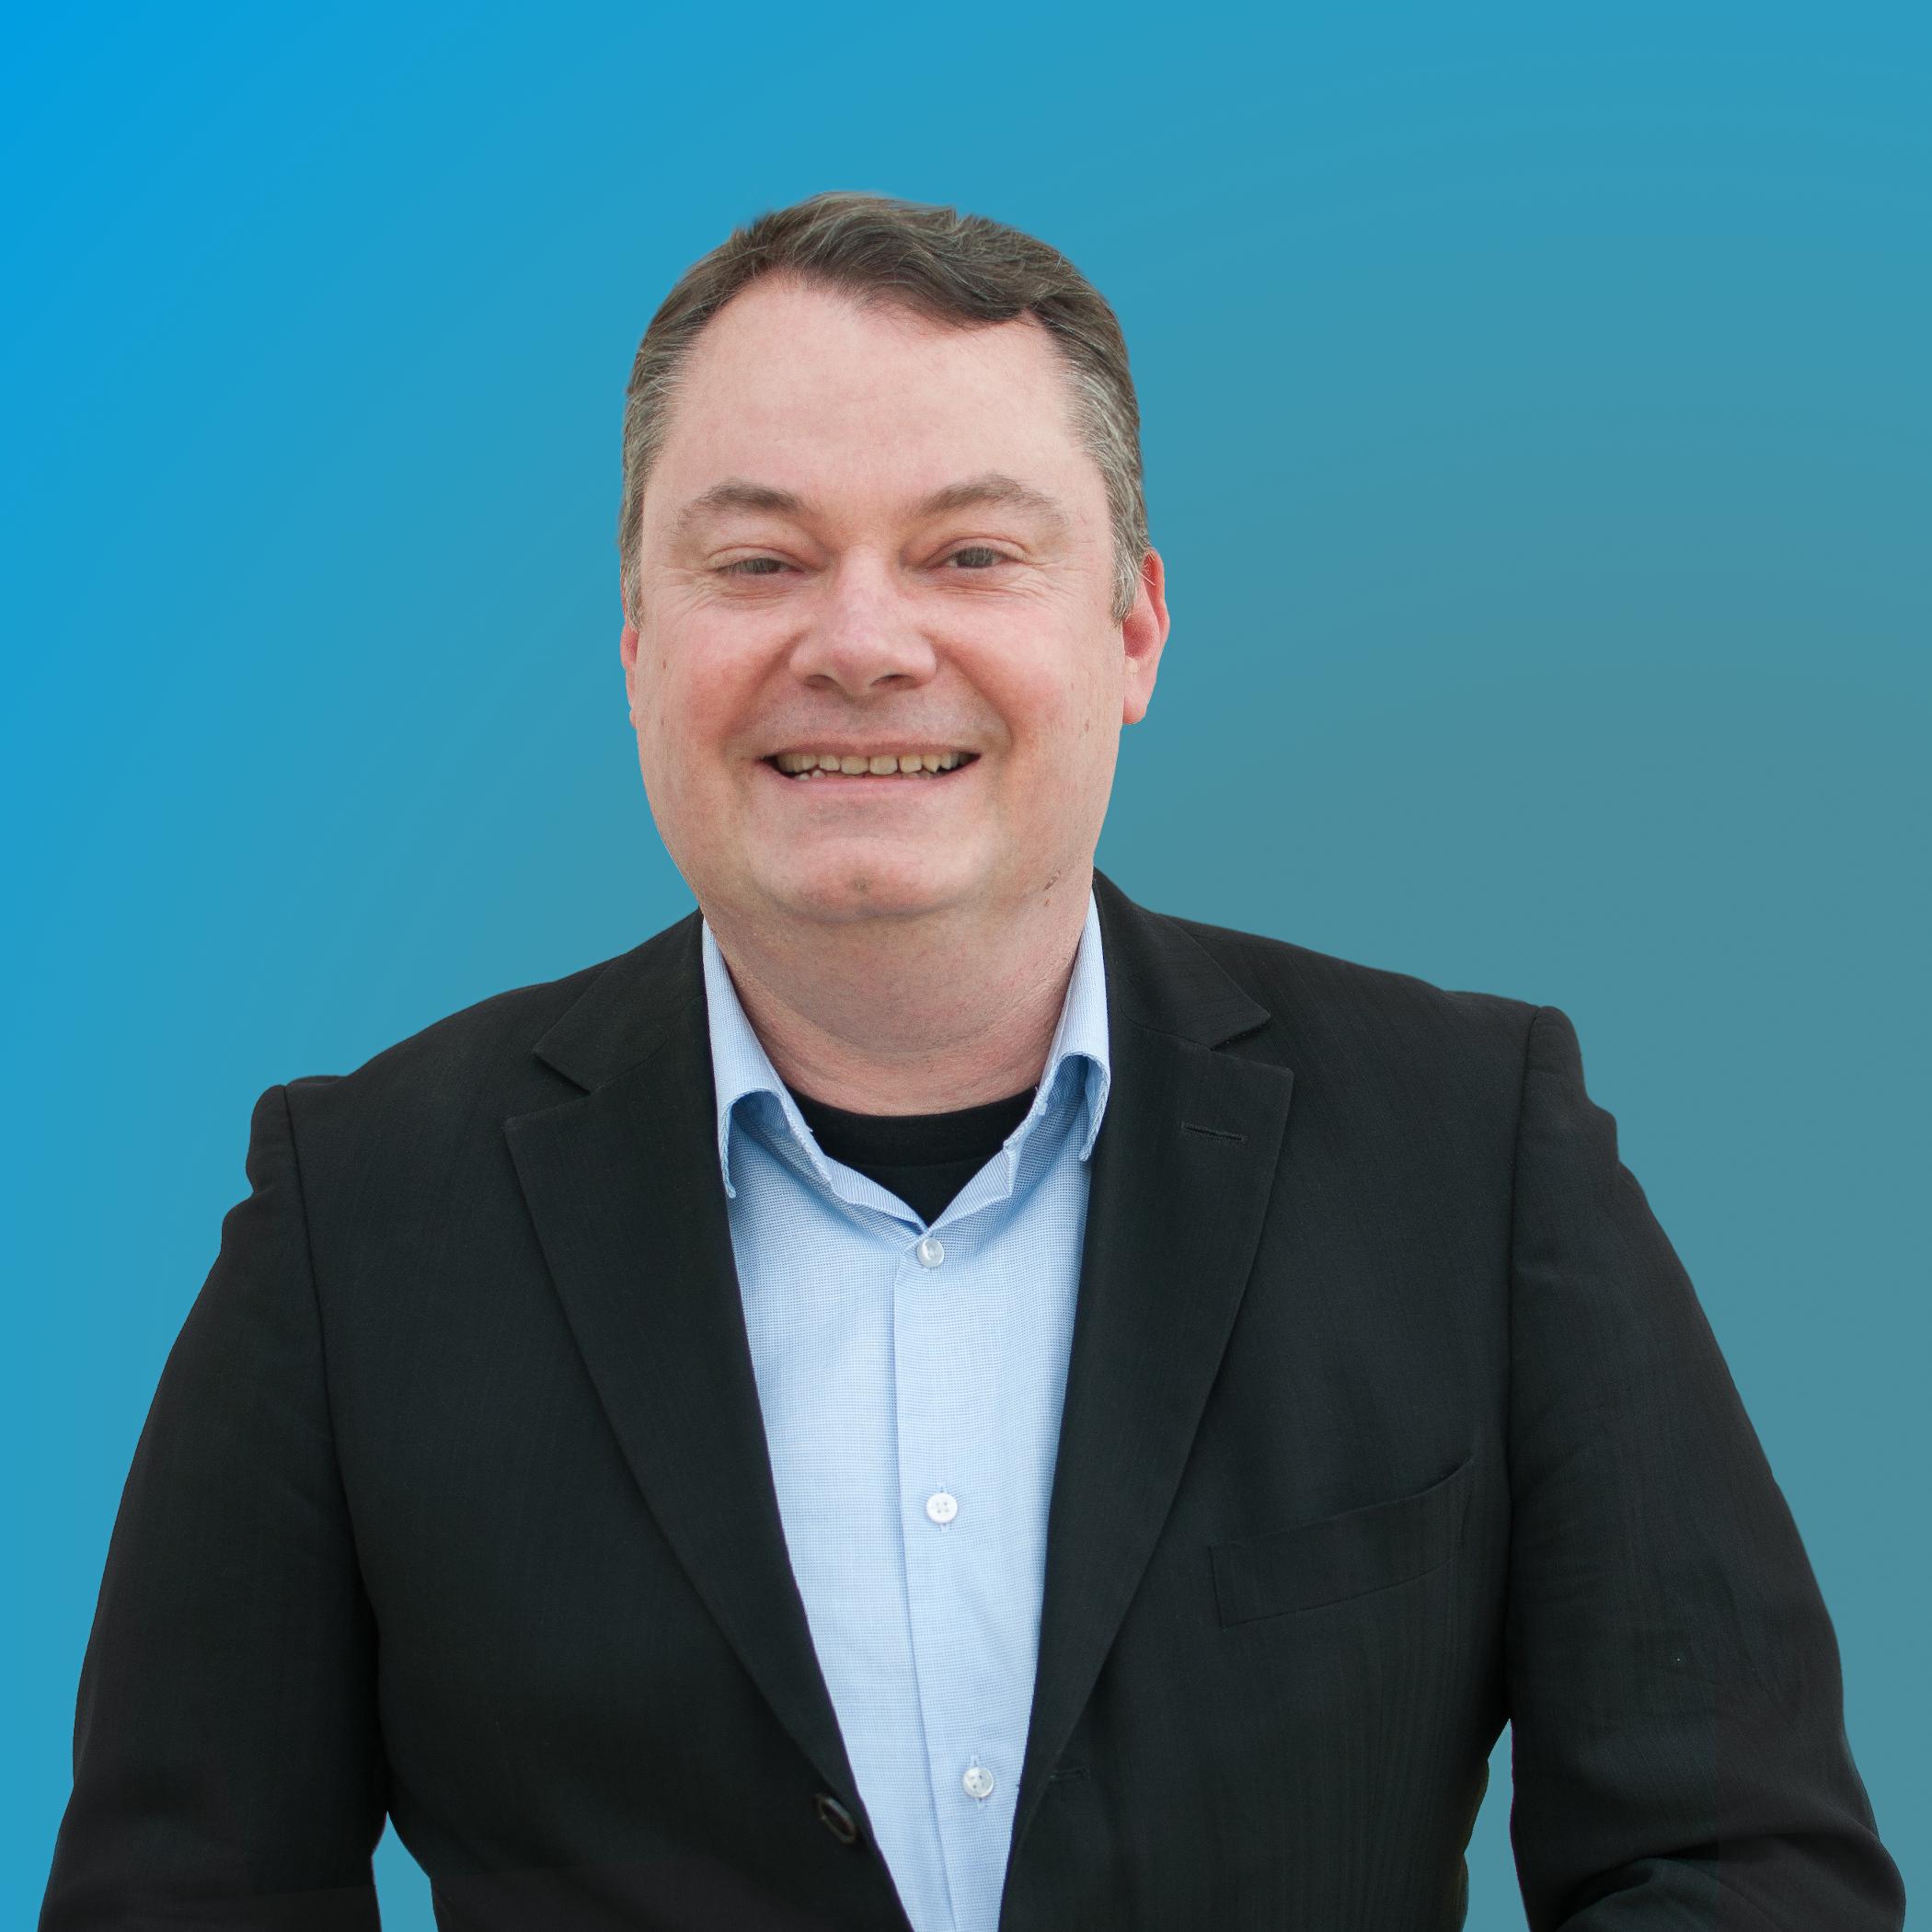 Sven Geschinski